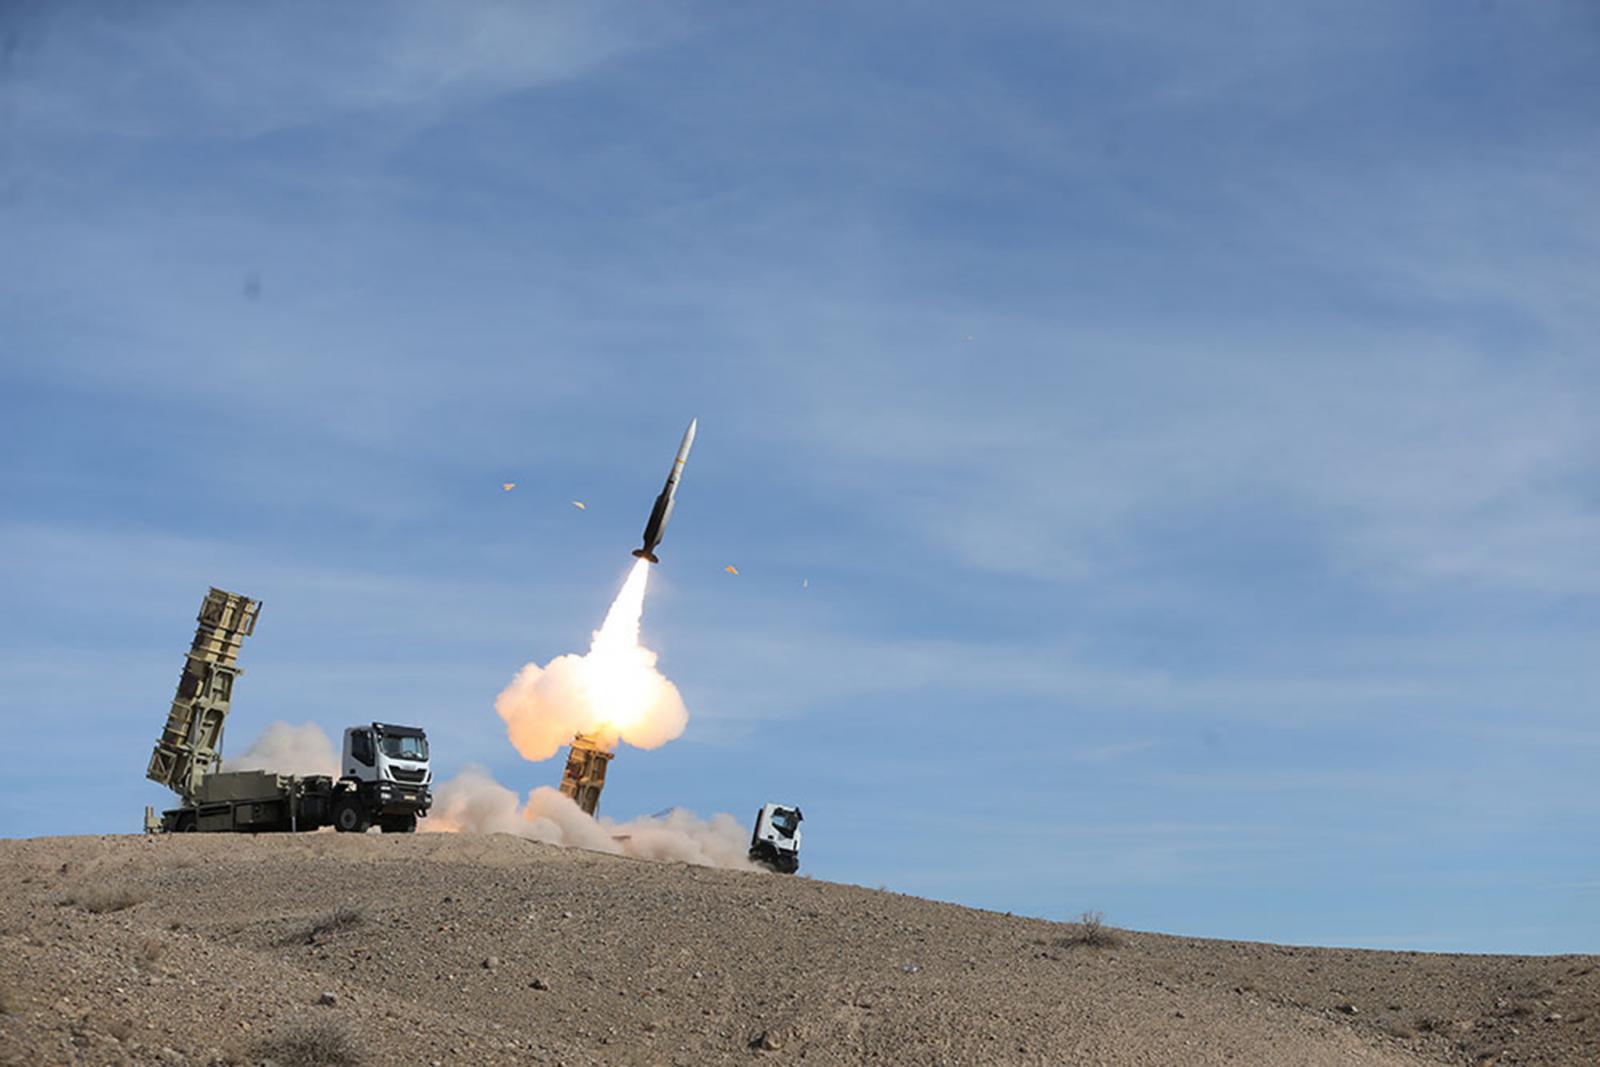 ด่วน! อิหร่าน เปิดฉากยิงขีปนาวุธ ถล่มฐานทัพสหรัฐฯ ในอิรัก